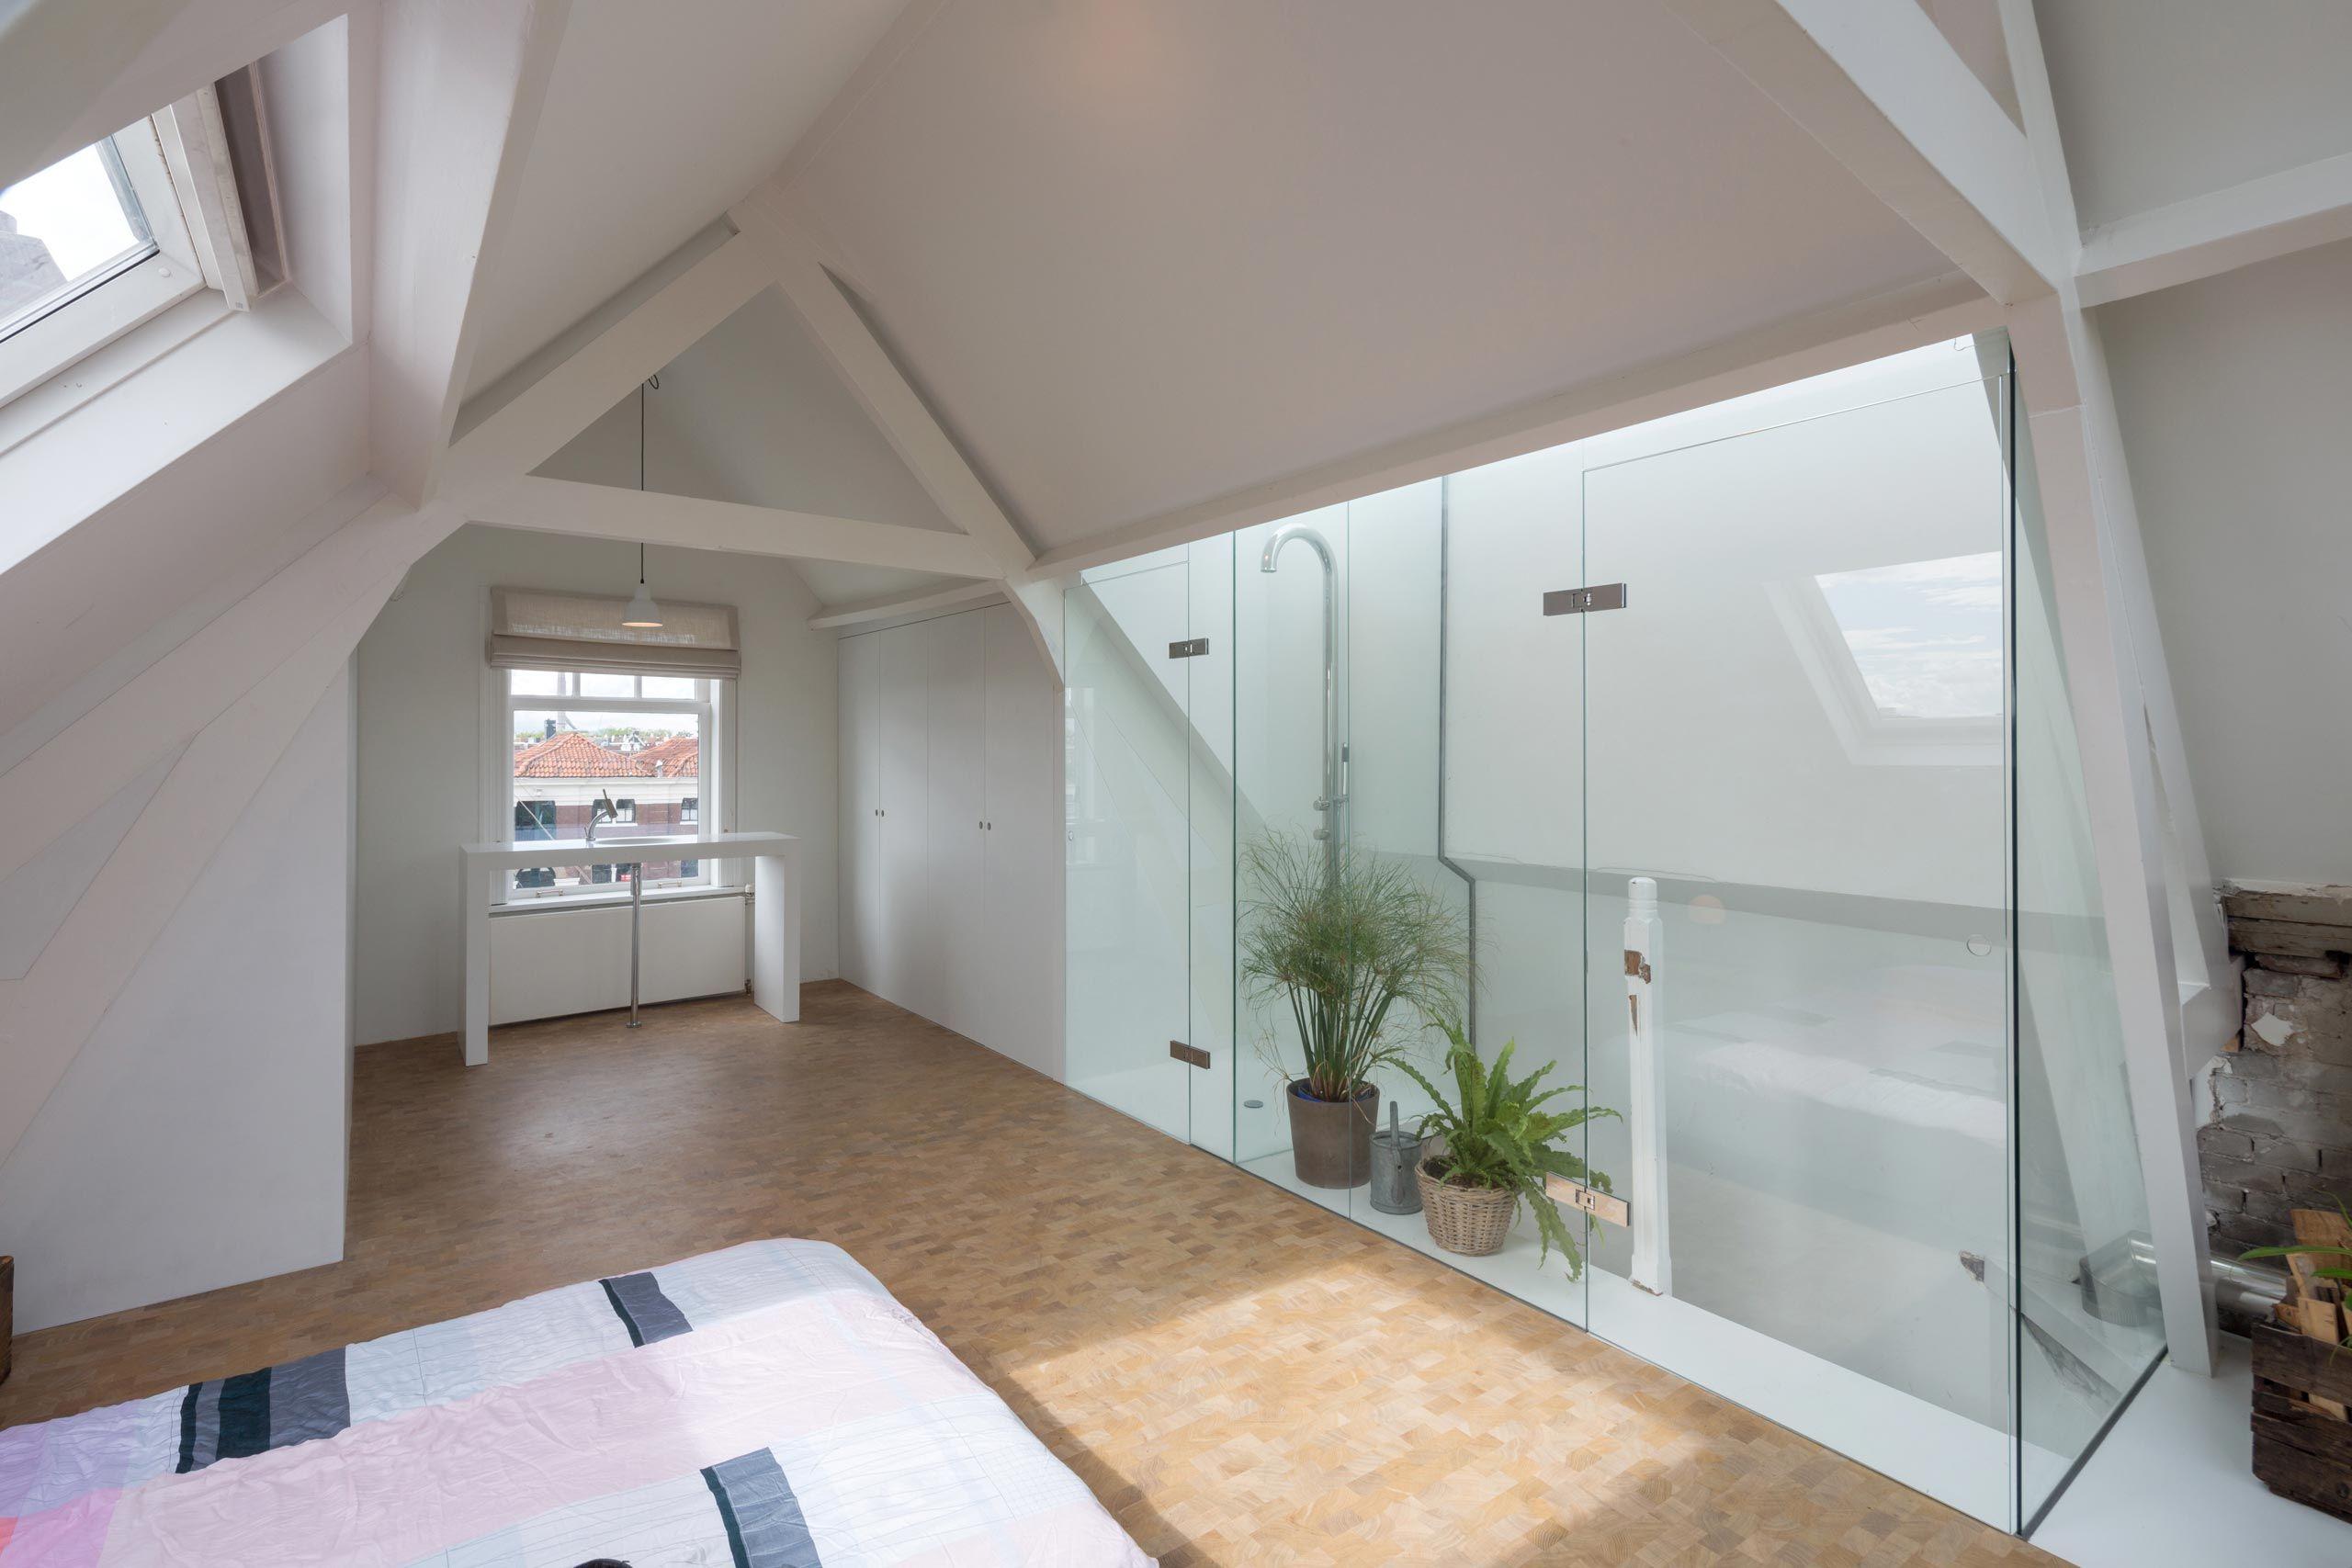 Meer dan 1000 afbeeldingen over badkamers op pinterest